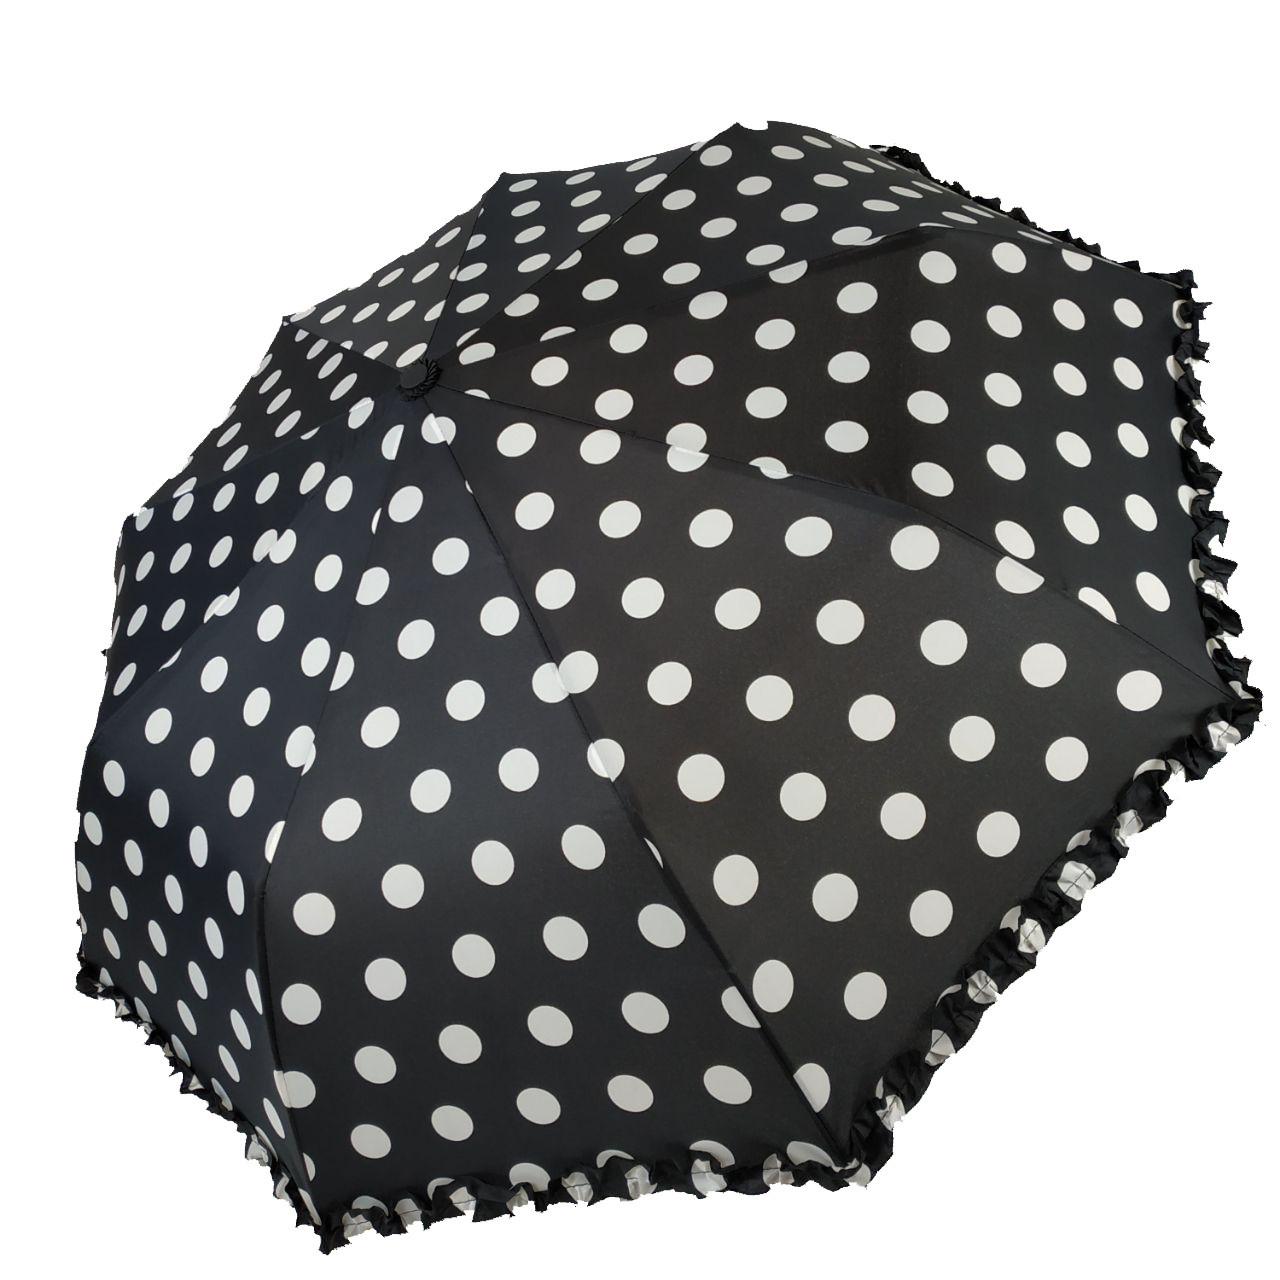 """Женский зонт Max, """"Komfort"""" в горошек с рюшами, черный цвет, 426-5"""